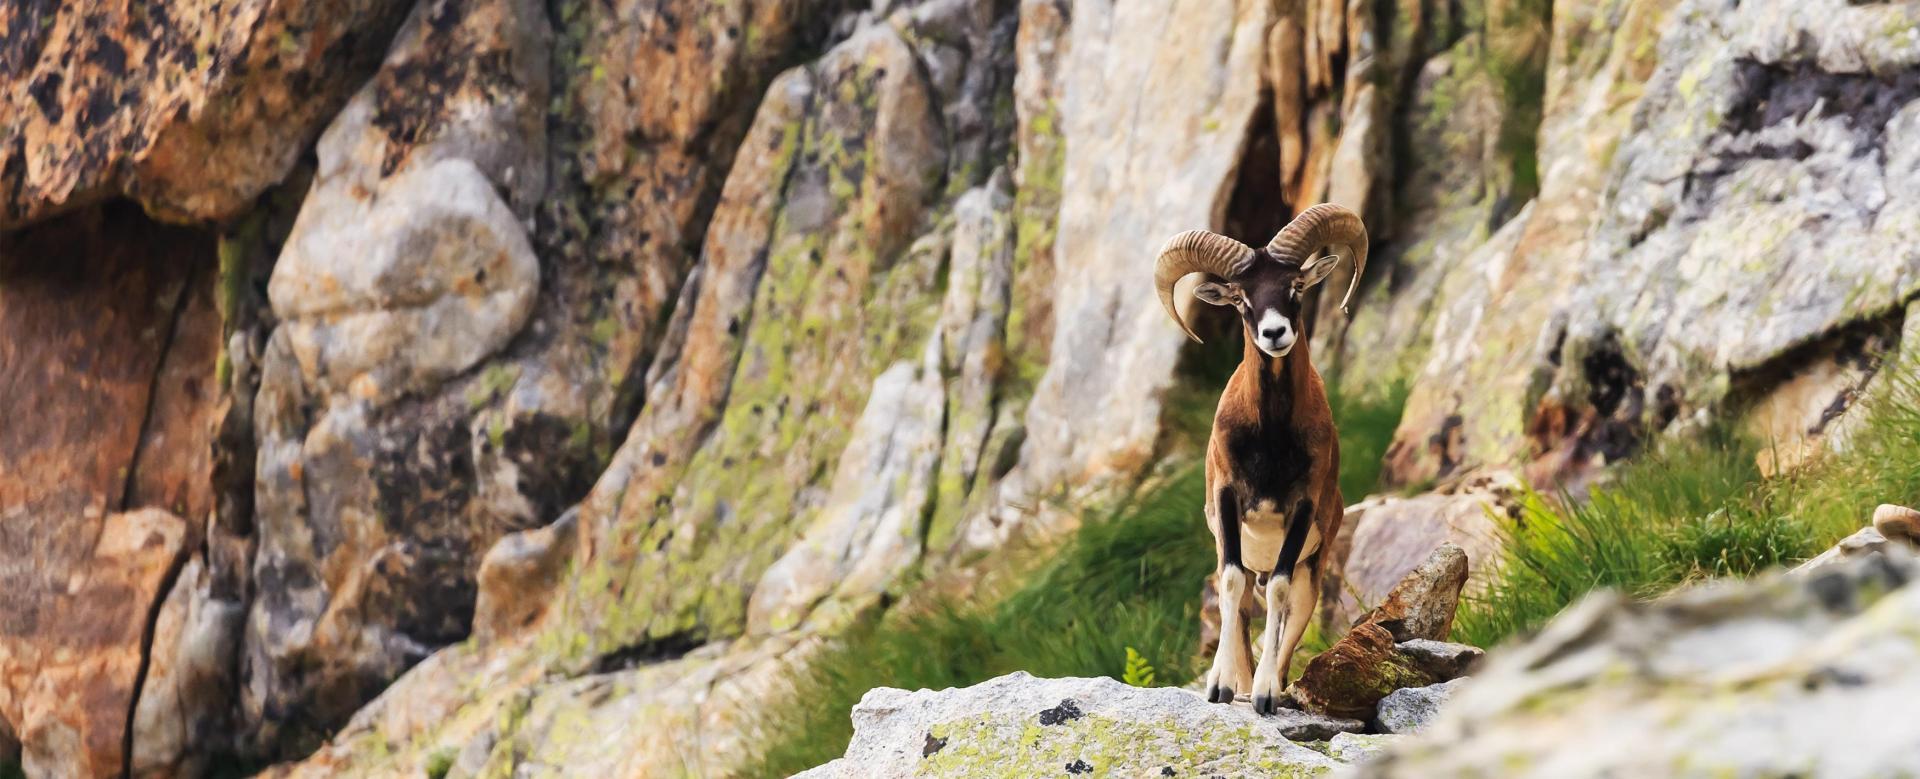 Voyage avec des animaux France : Lacs, ânes et loups dans le mercantour